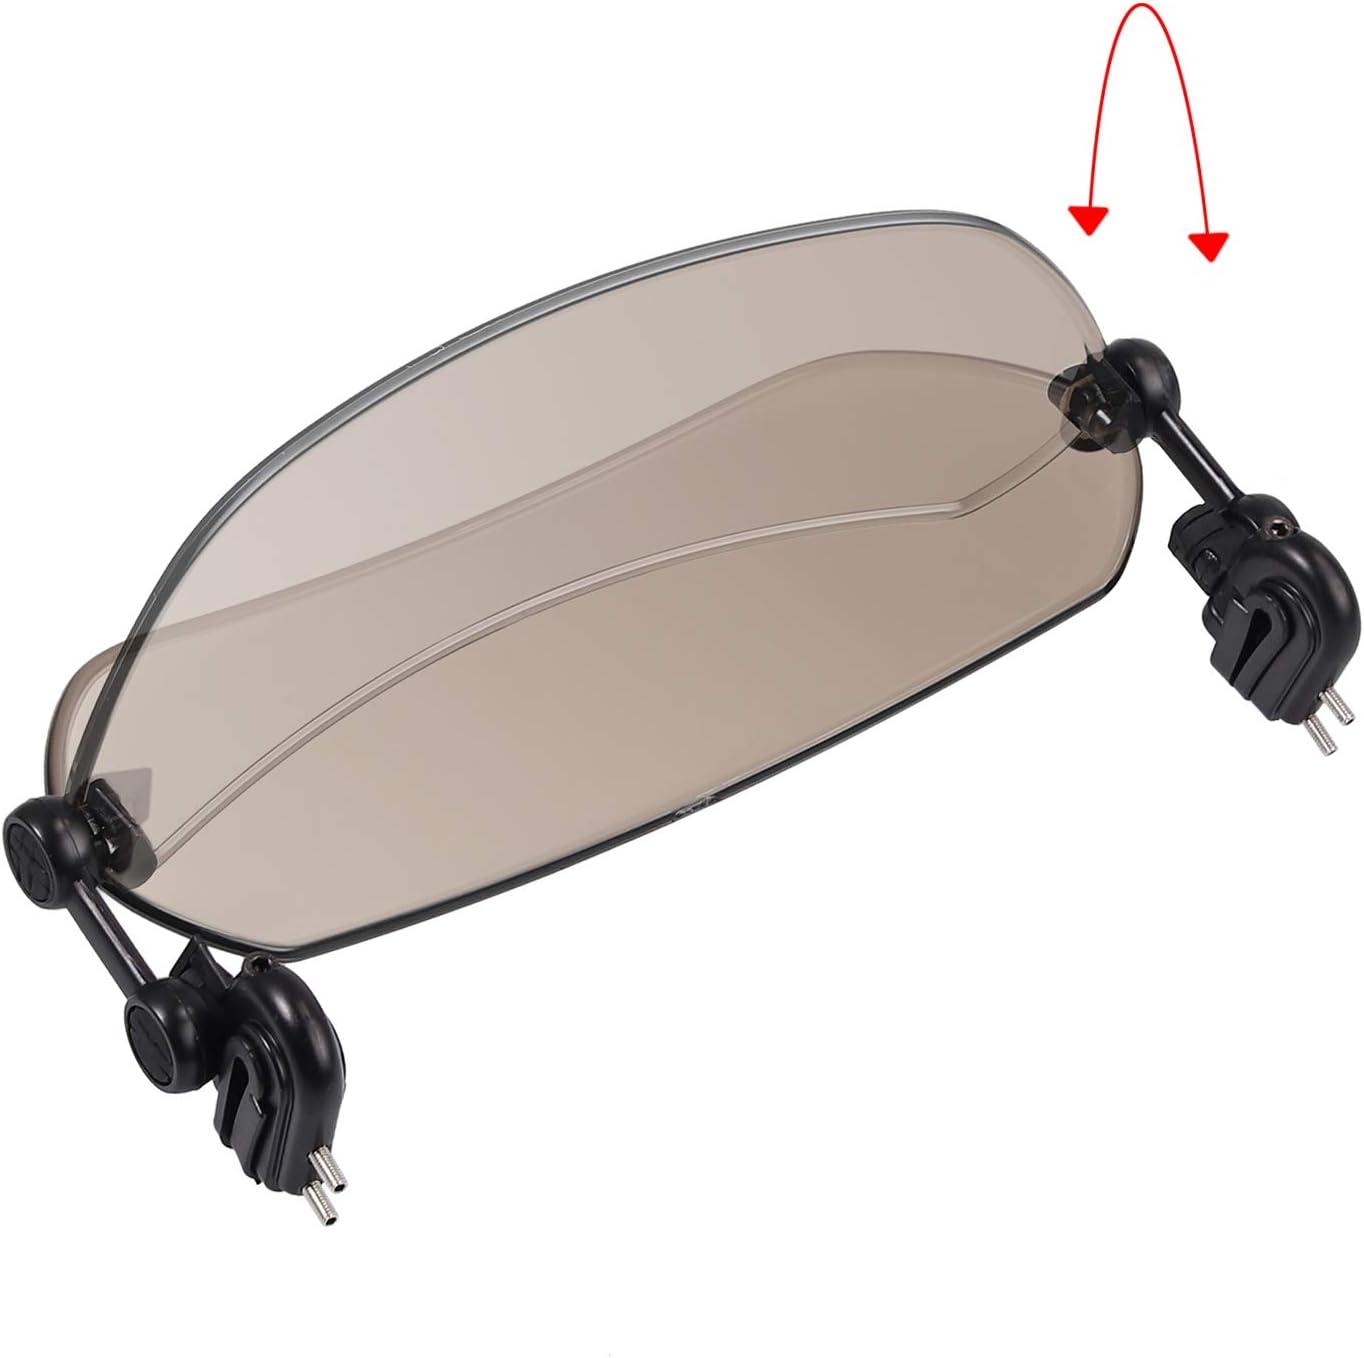 Justech Pare-brise D/éflecteur de Moto Universel Clip Ajustable sur D/éflecteur de Vent Aileron dExtension de Pare-brise pour Courses Moto V/élo Scooter Quad Cruiser-Fum/é